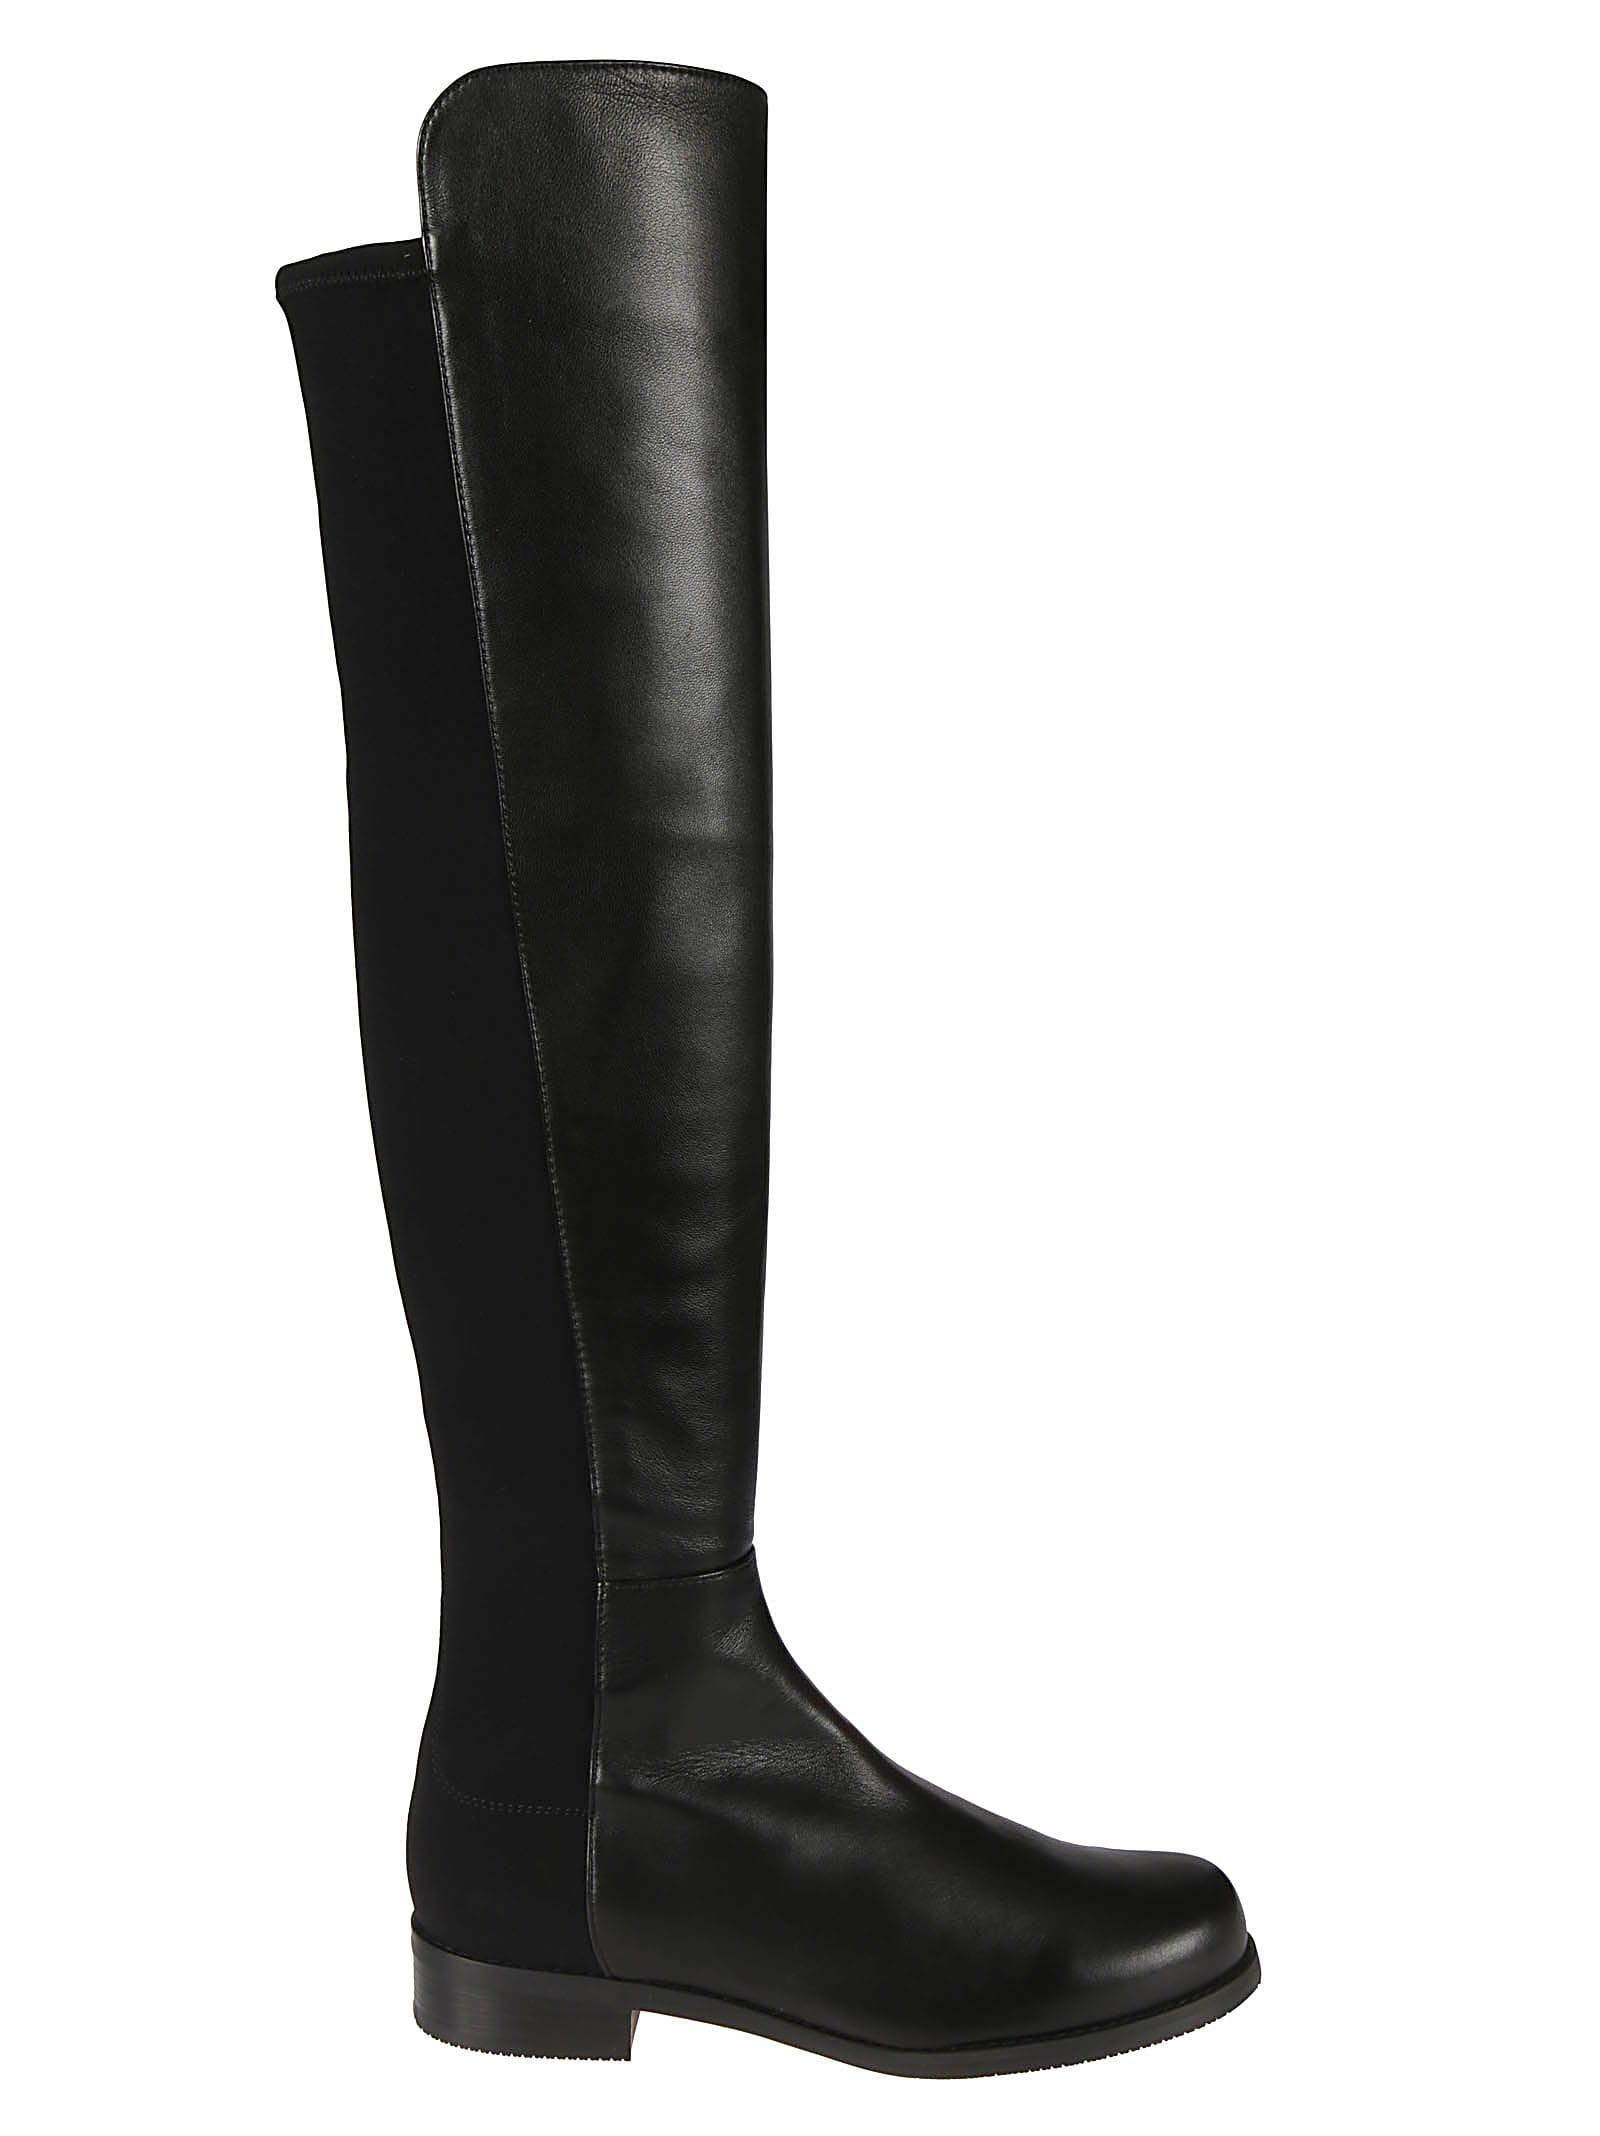 Stuart Weitzman Gabardine Boots